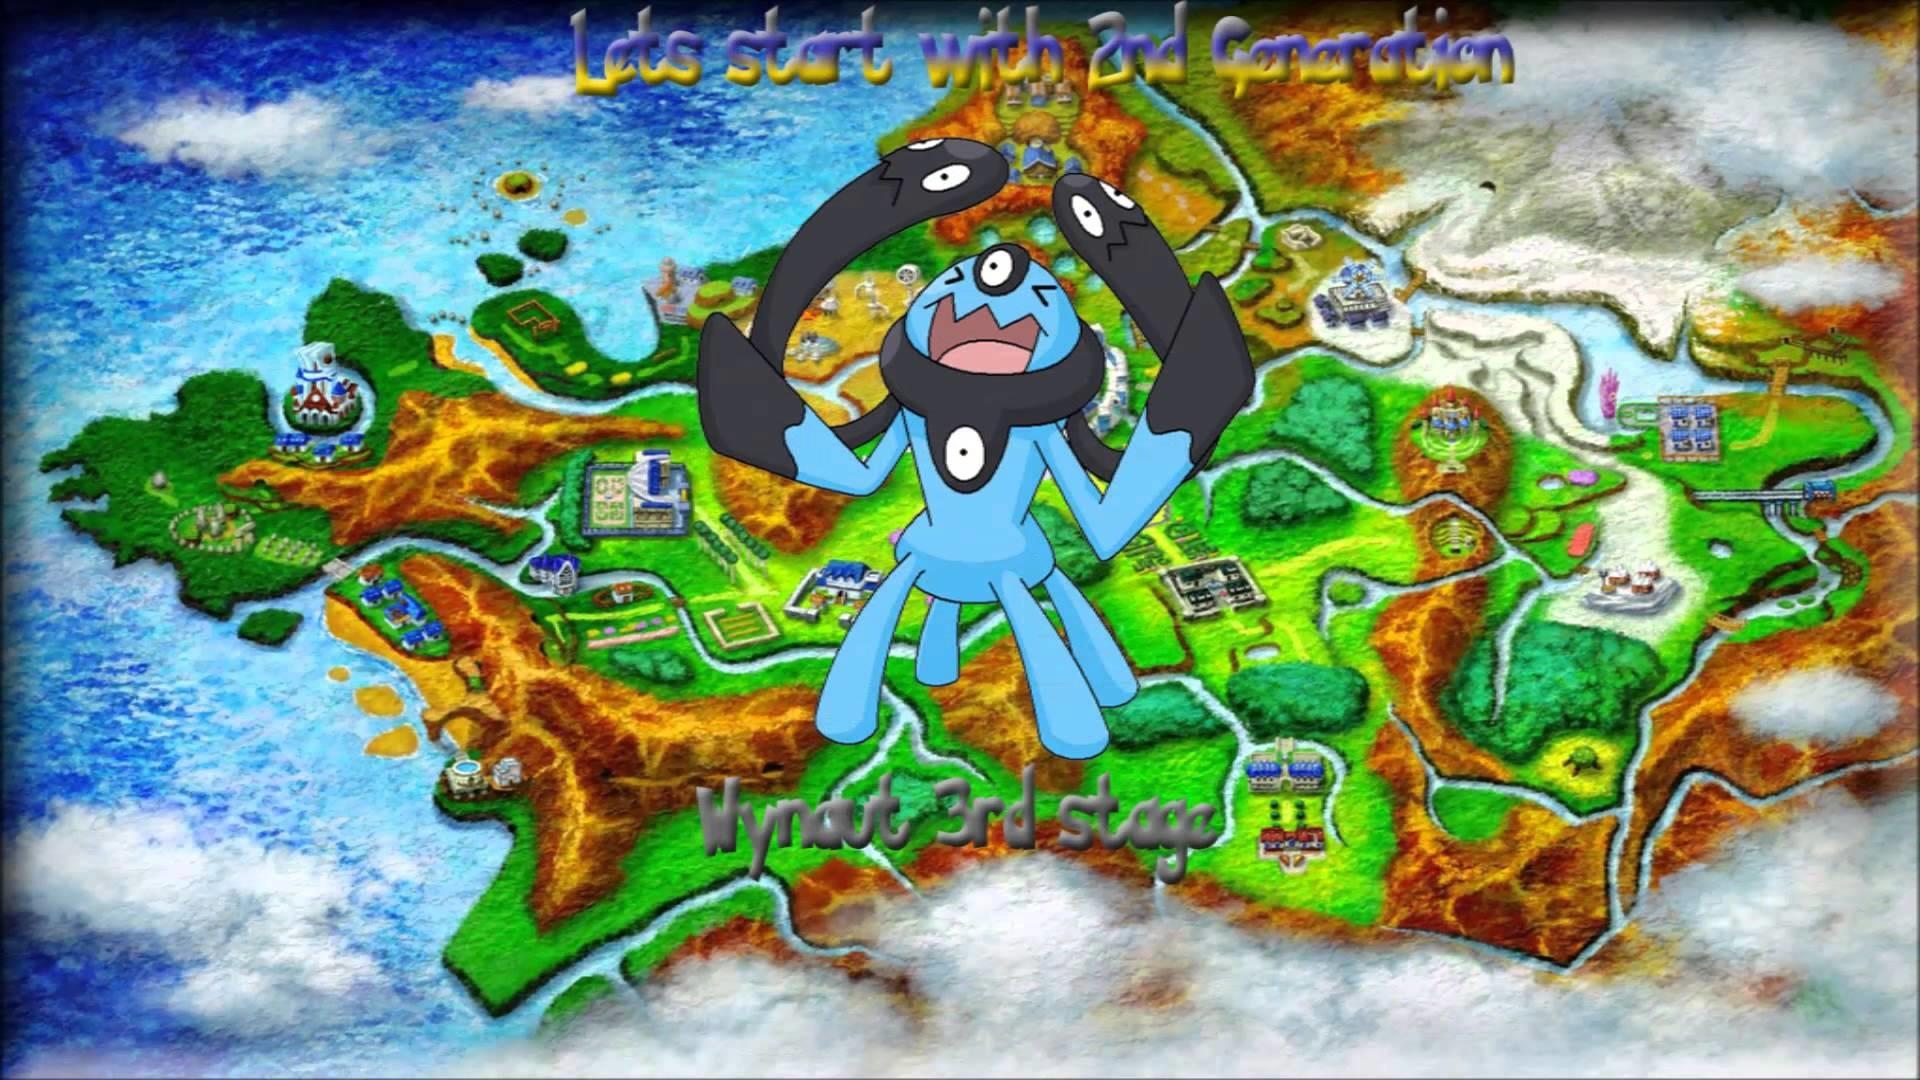 Pokemon Mega Evolutions Wallpaper (75+ Images